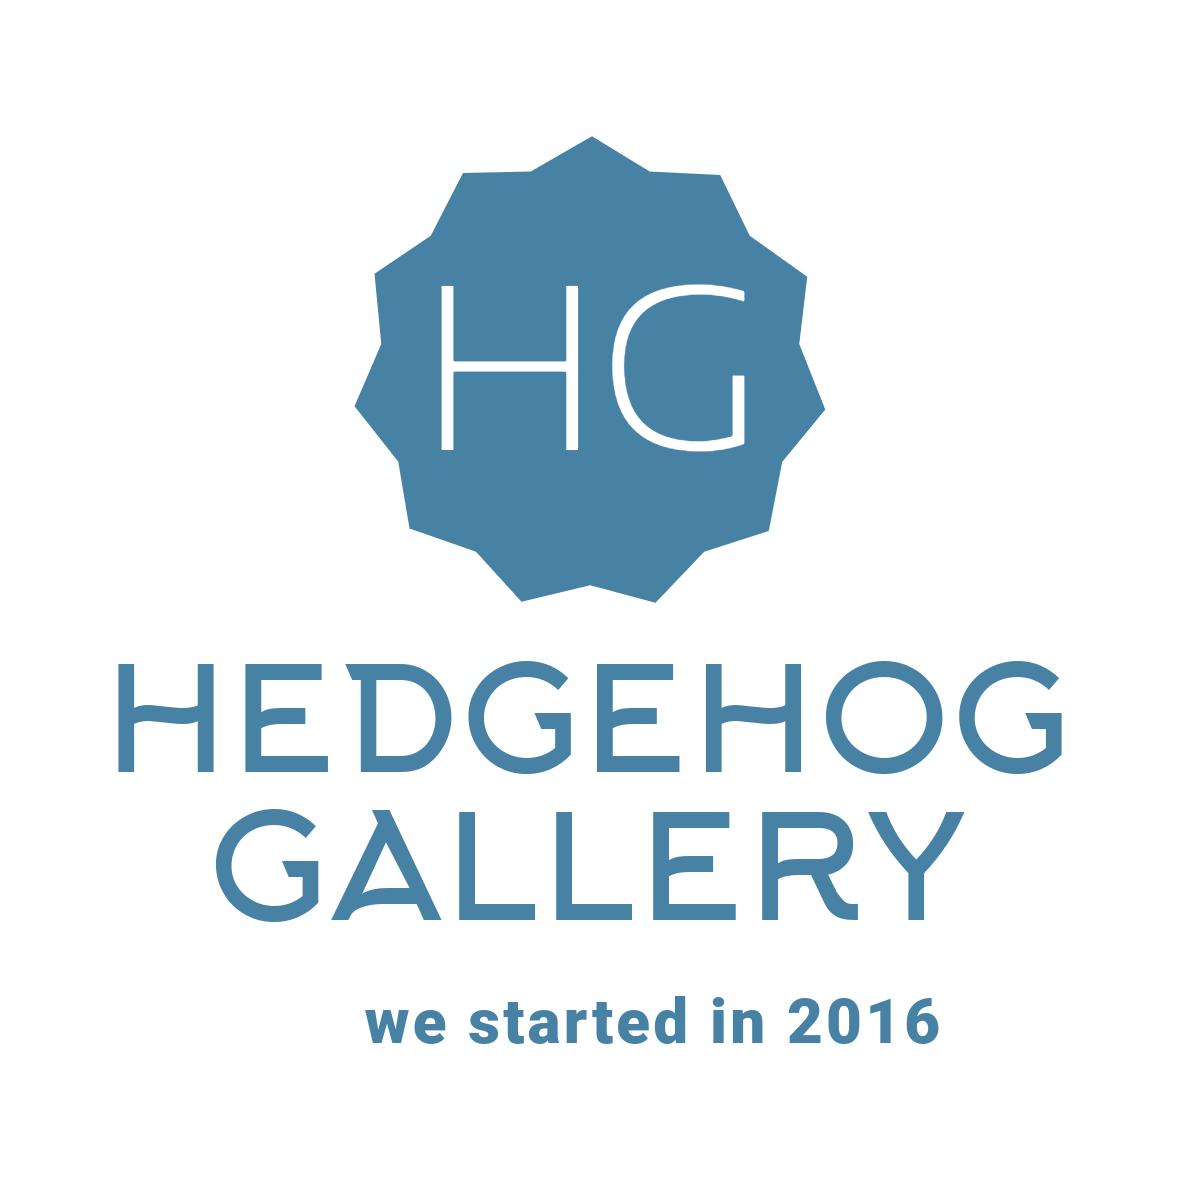 Hedgehog gallery